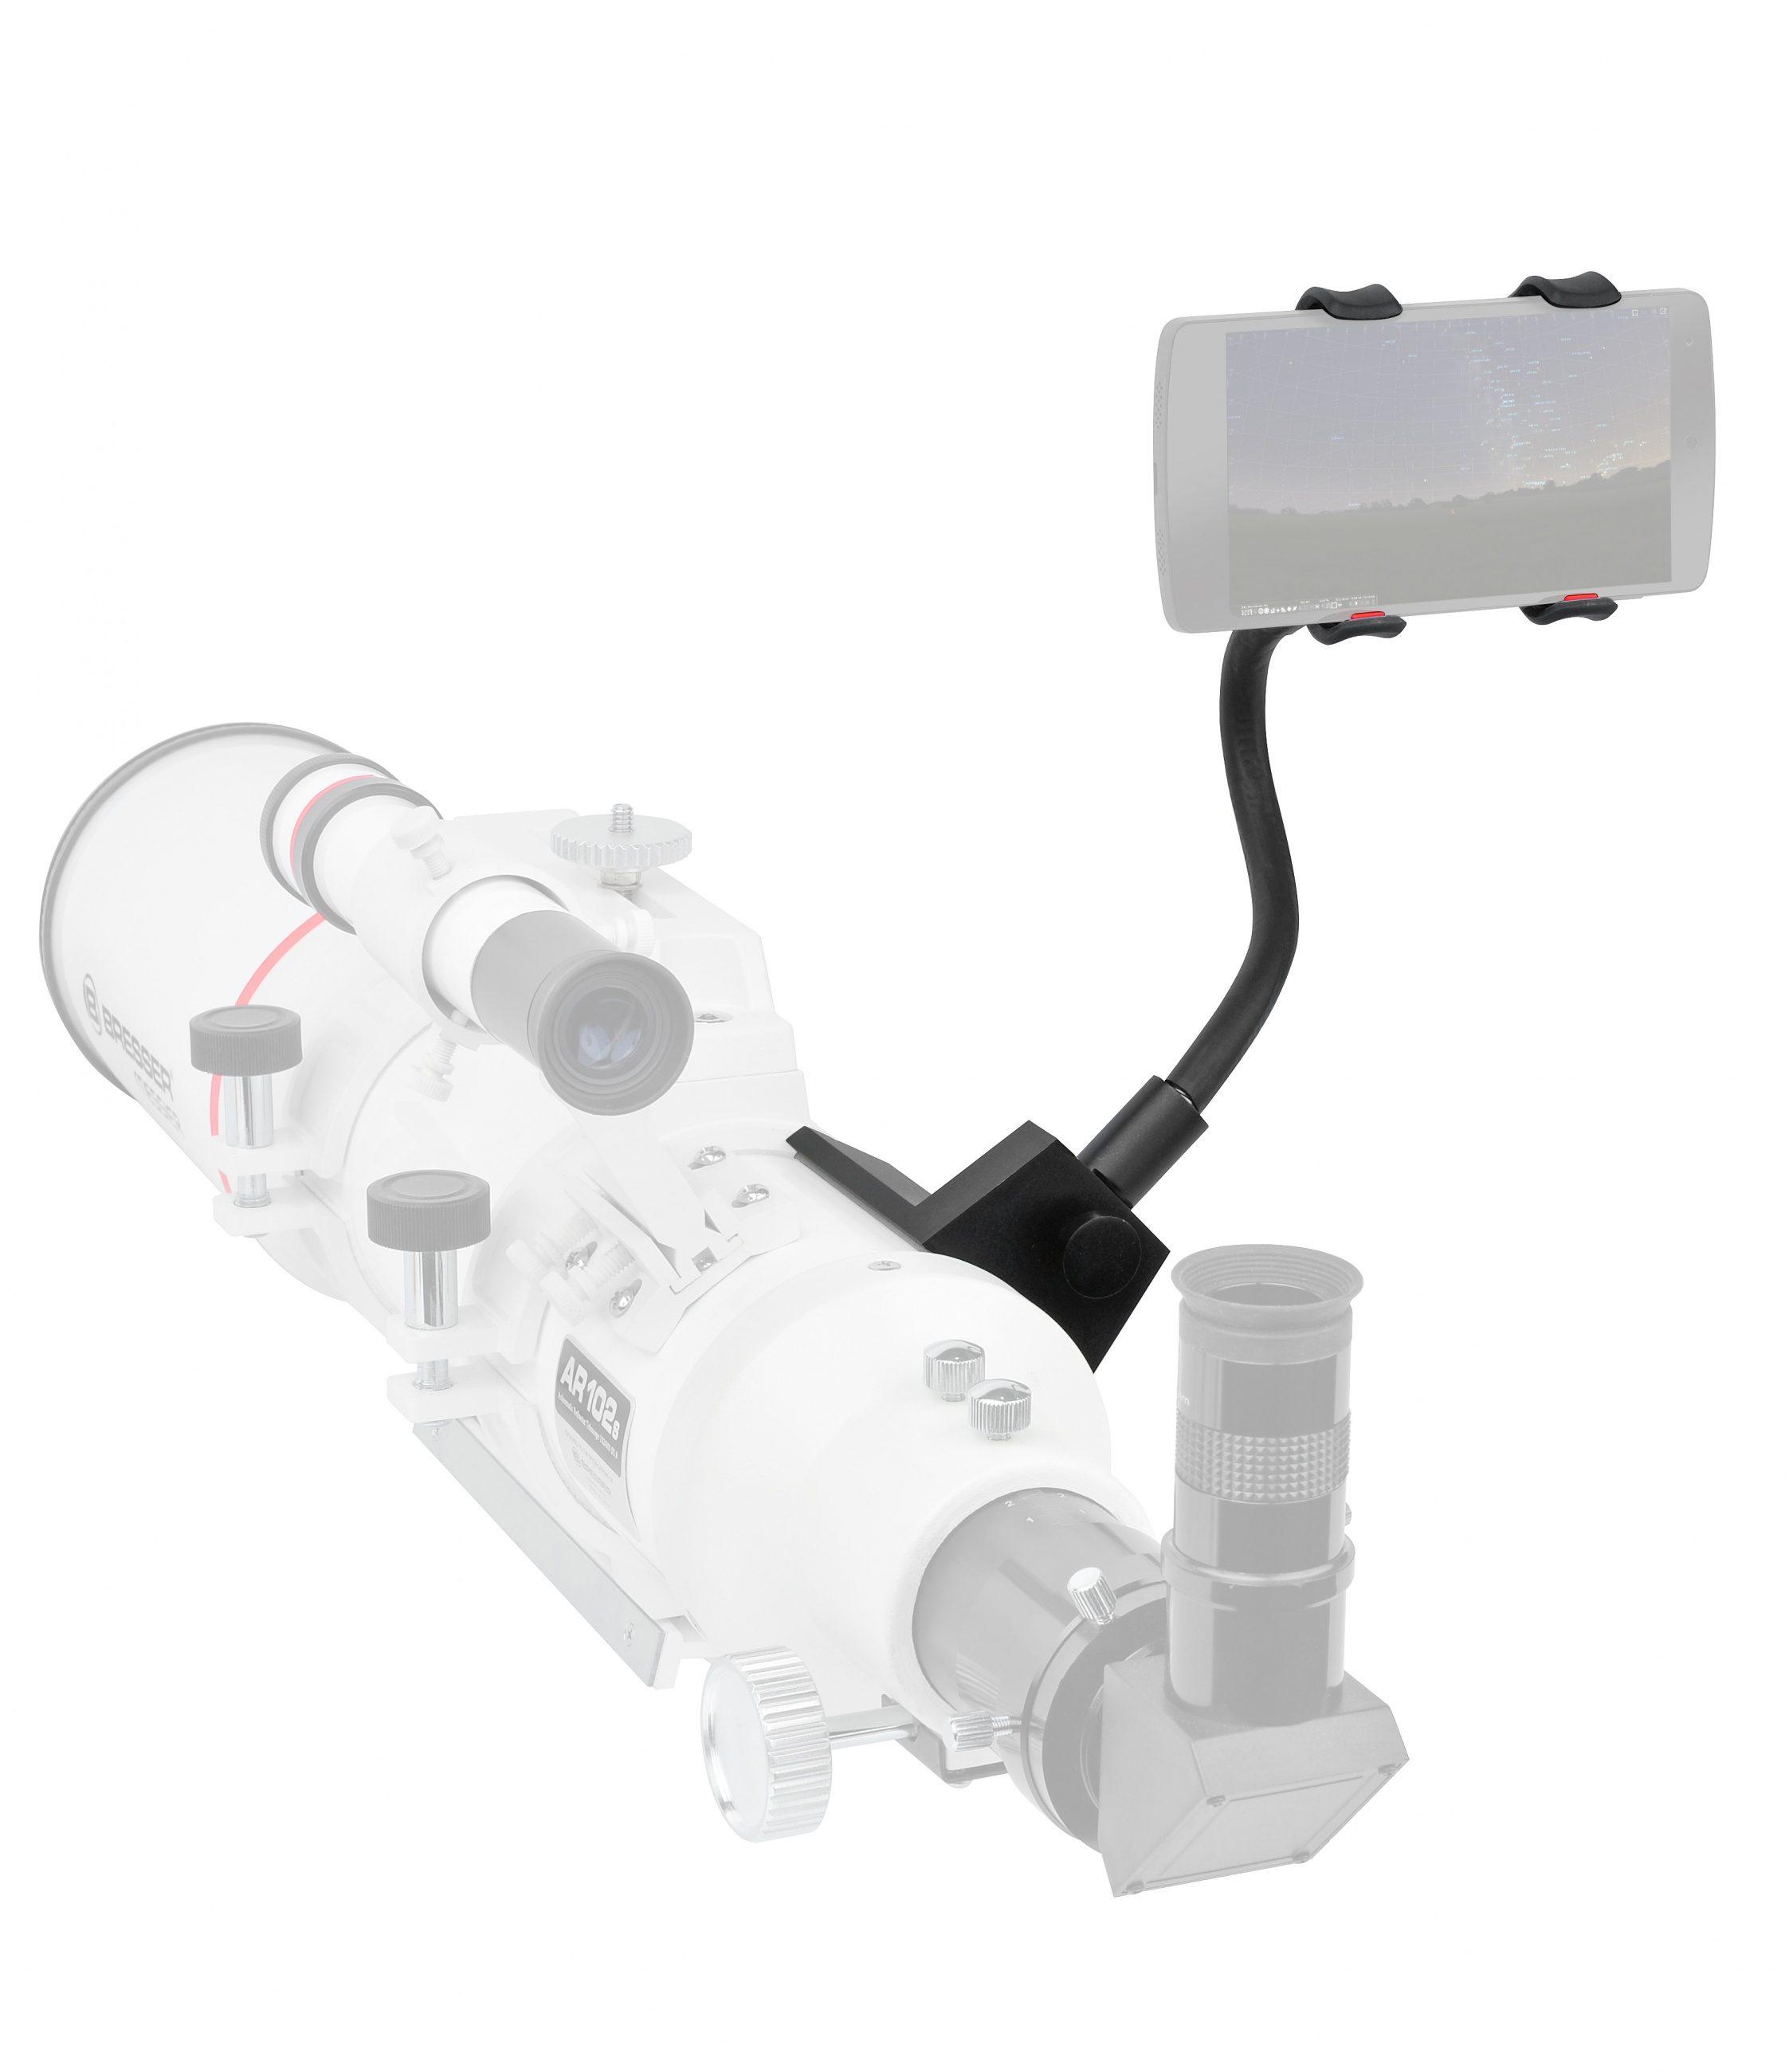 BRESSER Smartphonehalter »BRESSER Smartphone-Halter für Fernglas/Teleskop«